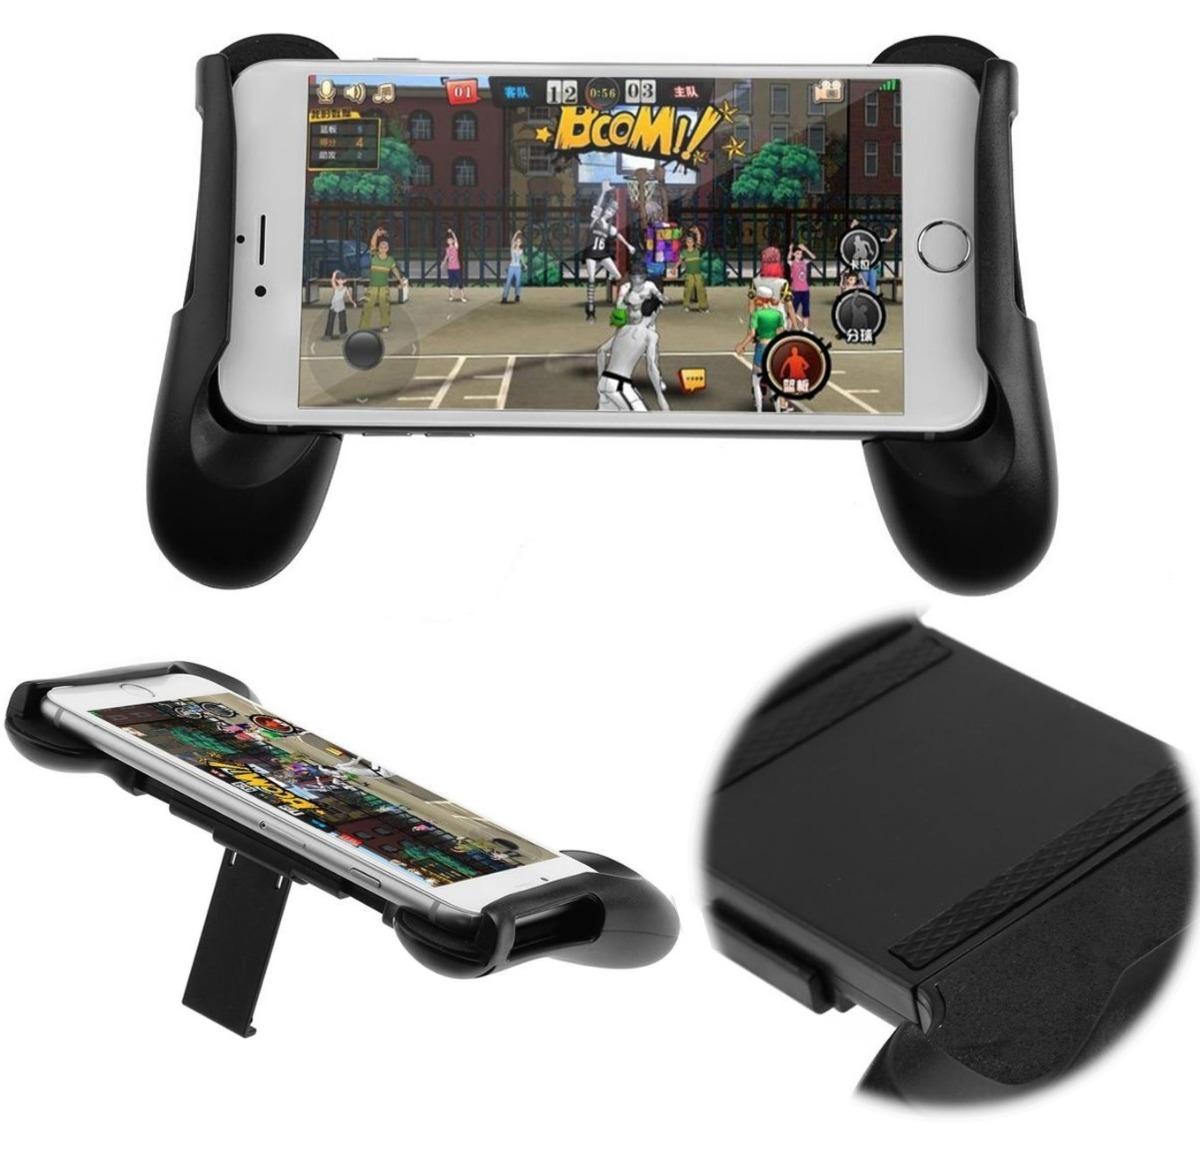 Gamepad Suporte Para Celular Suporte Celular Controle Gamer - R  63 ... 1cd3fffccfa65